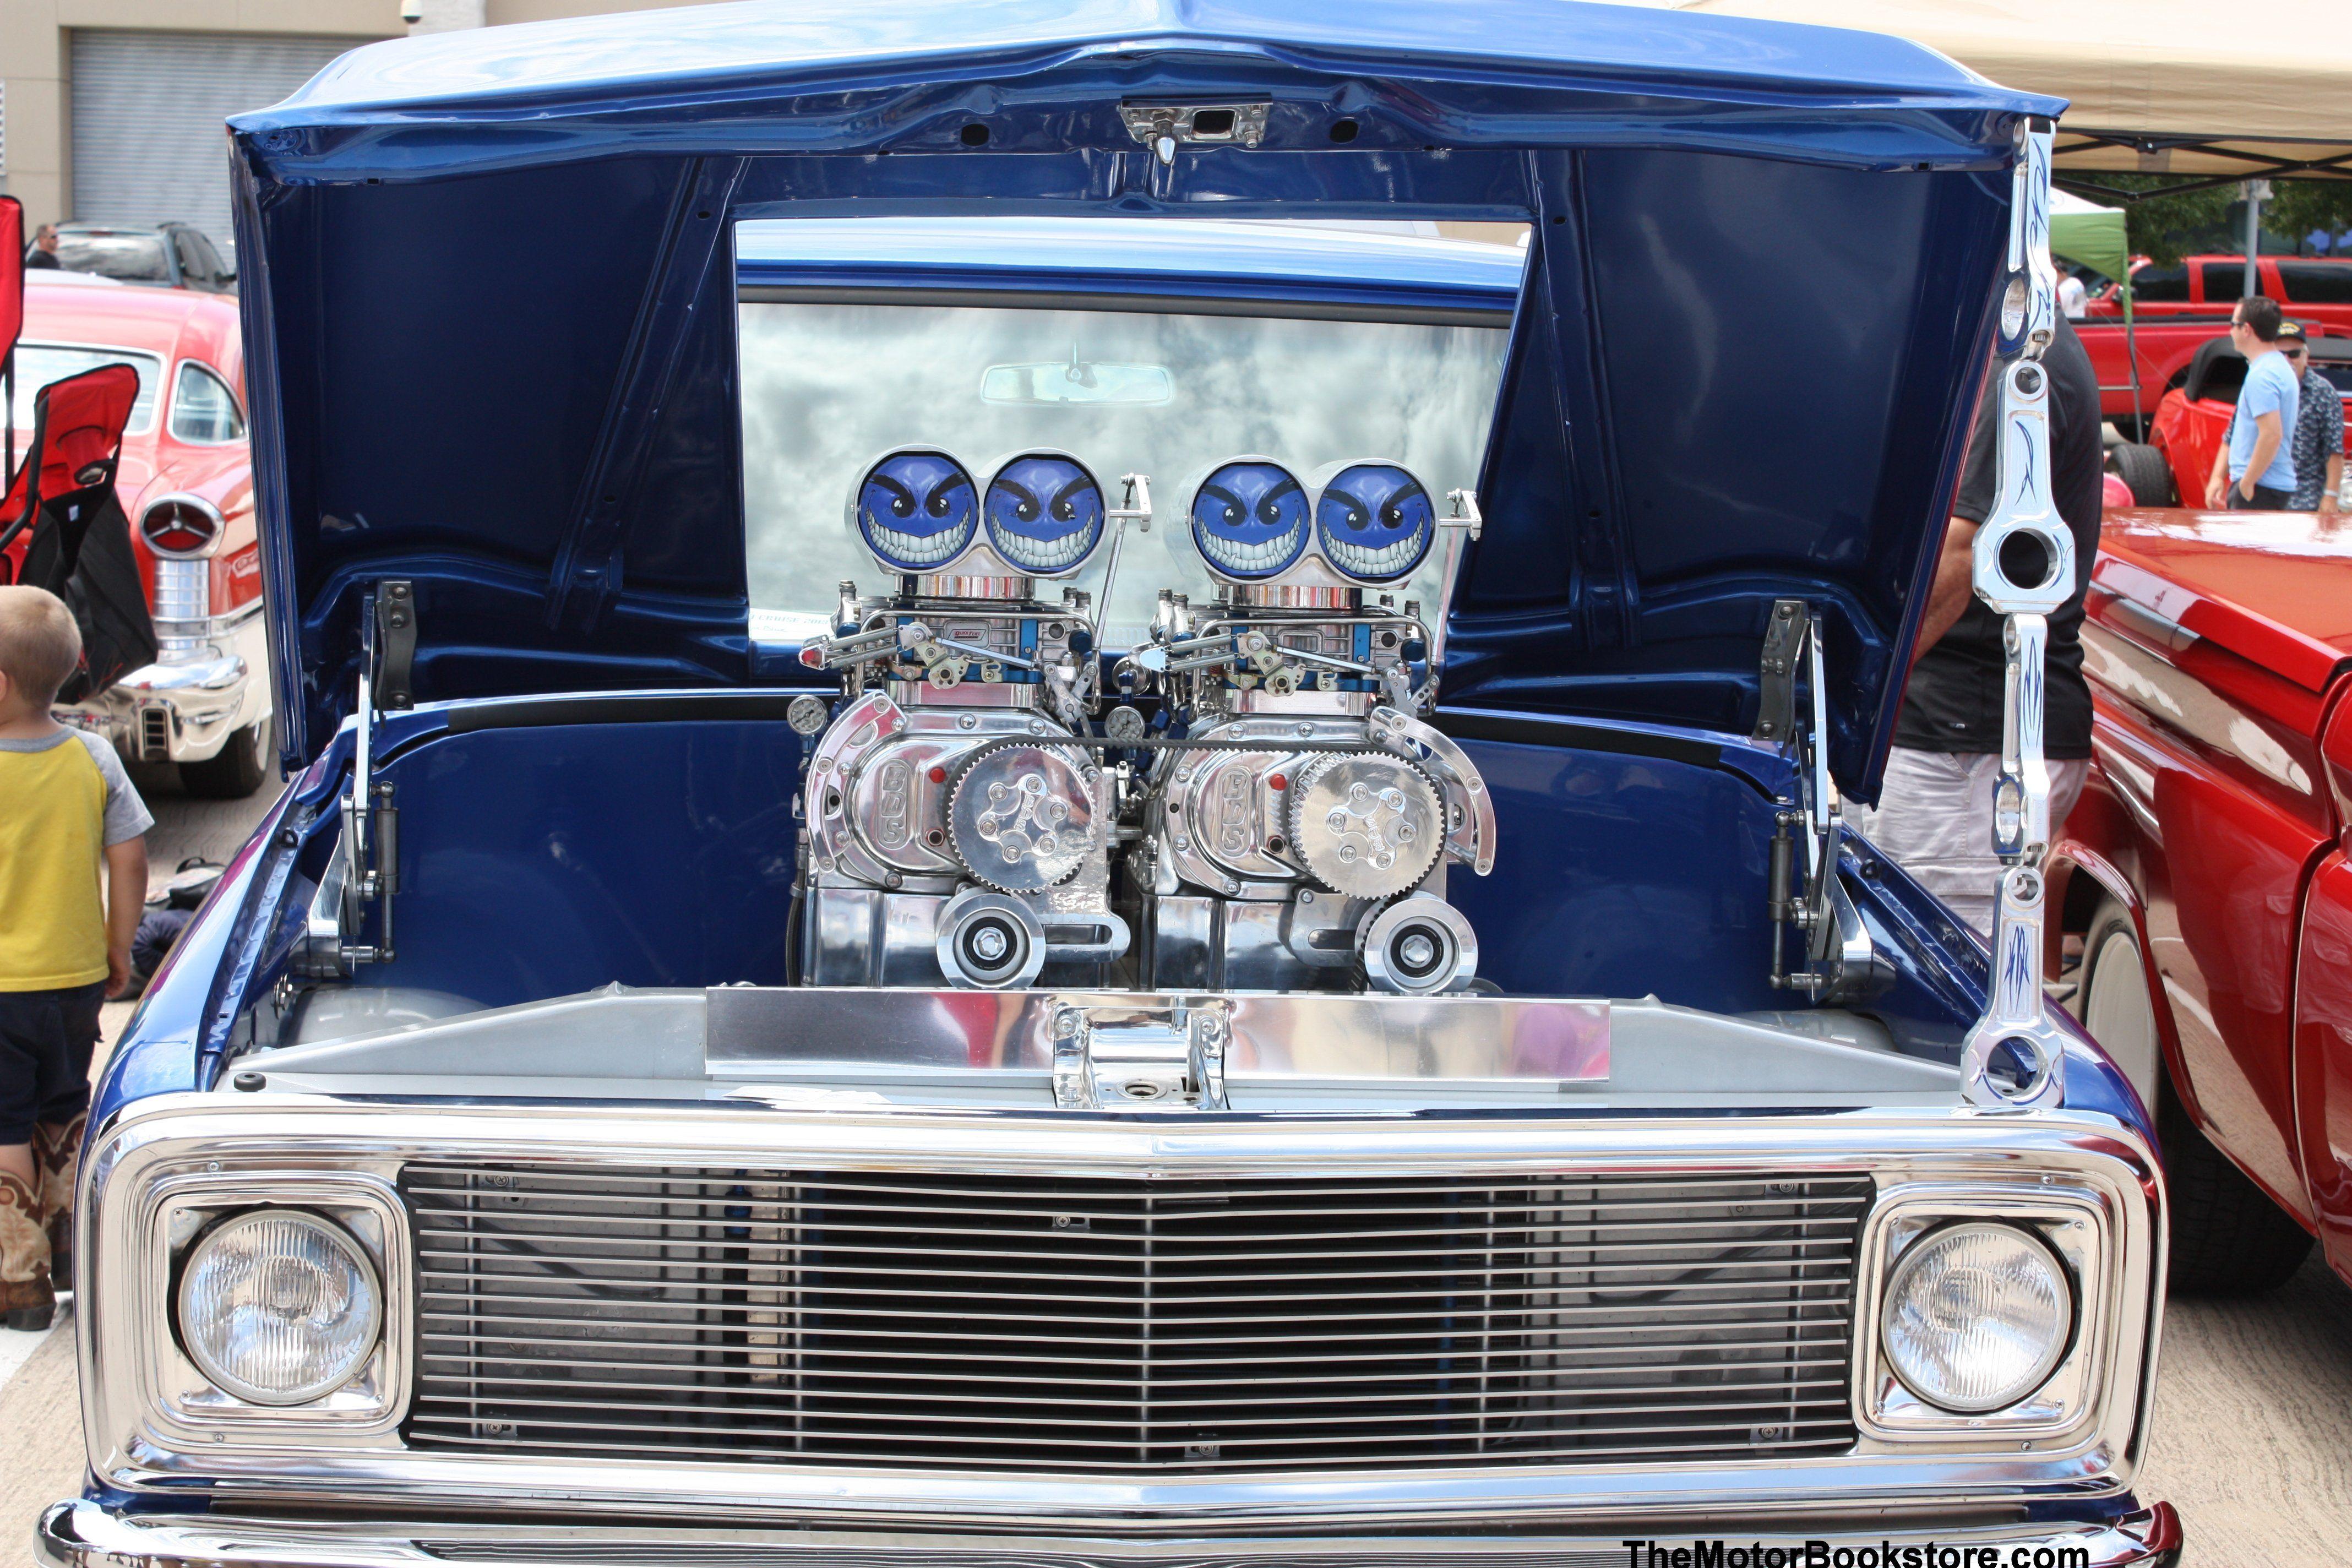 Chevrolet Frisco Tx ... Frisco, TX (6-29-13) Texas Dream Cruise | Pinterest | Chevy, Chevy